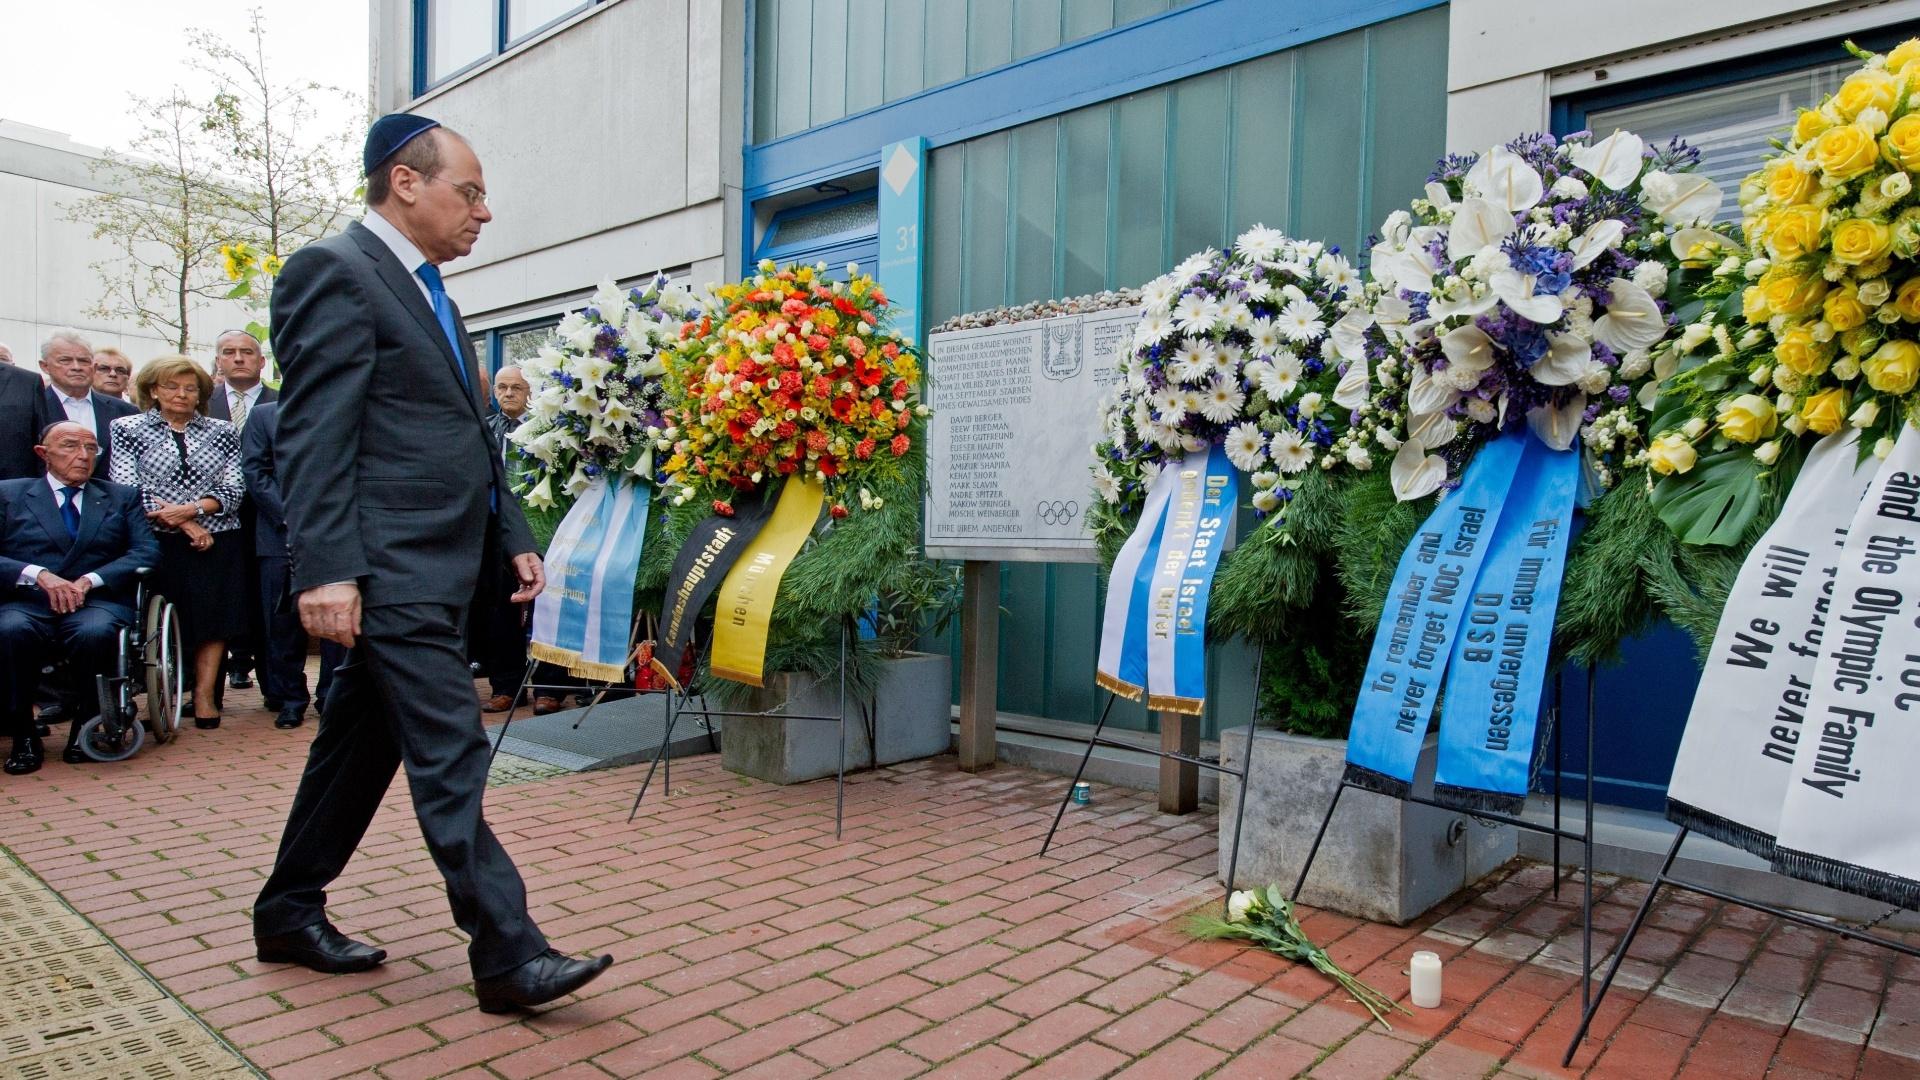 vice-primeiro ministro de Israel, Silvan Shalom, participa da cerimônia em homenagem aos mortos nos Jogos de Munique-72. Memorial foi feito em frente à casa Connollystrasse, onde a delegação israelense ficou